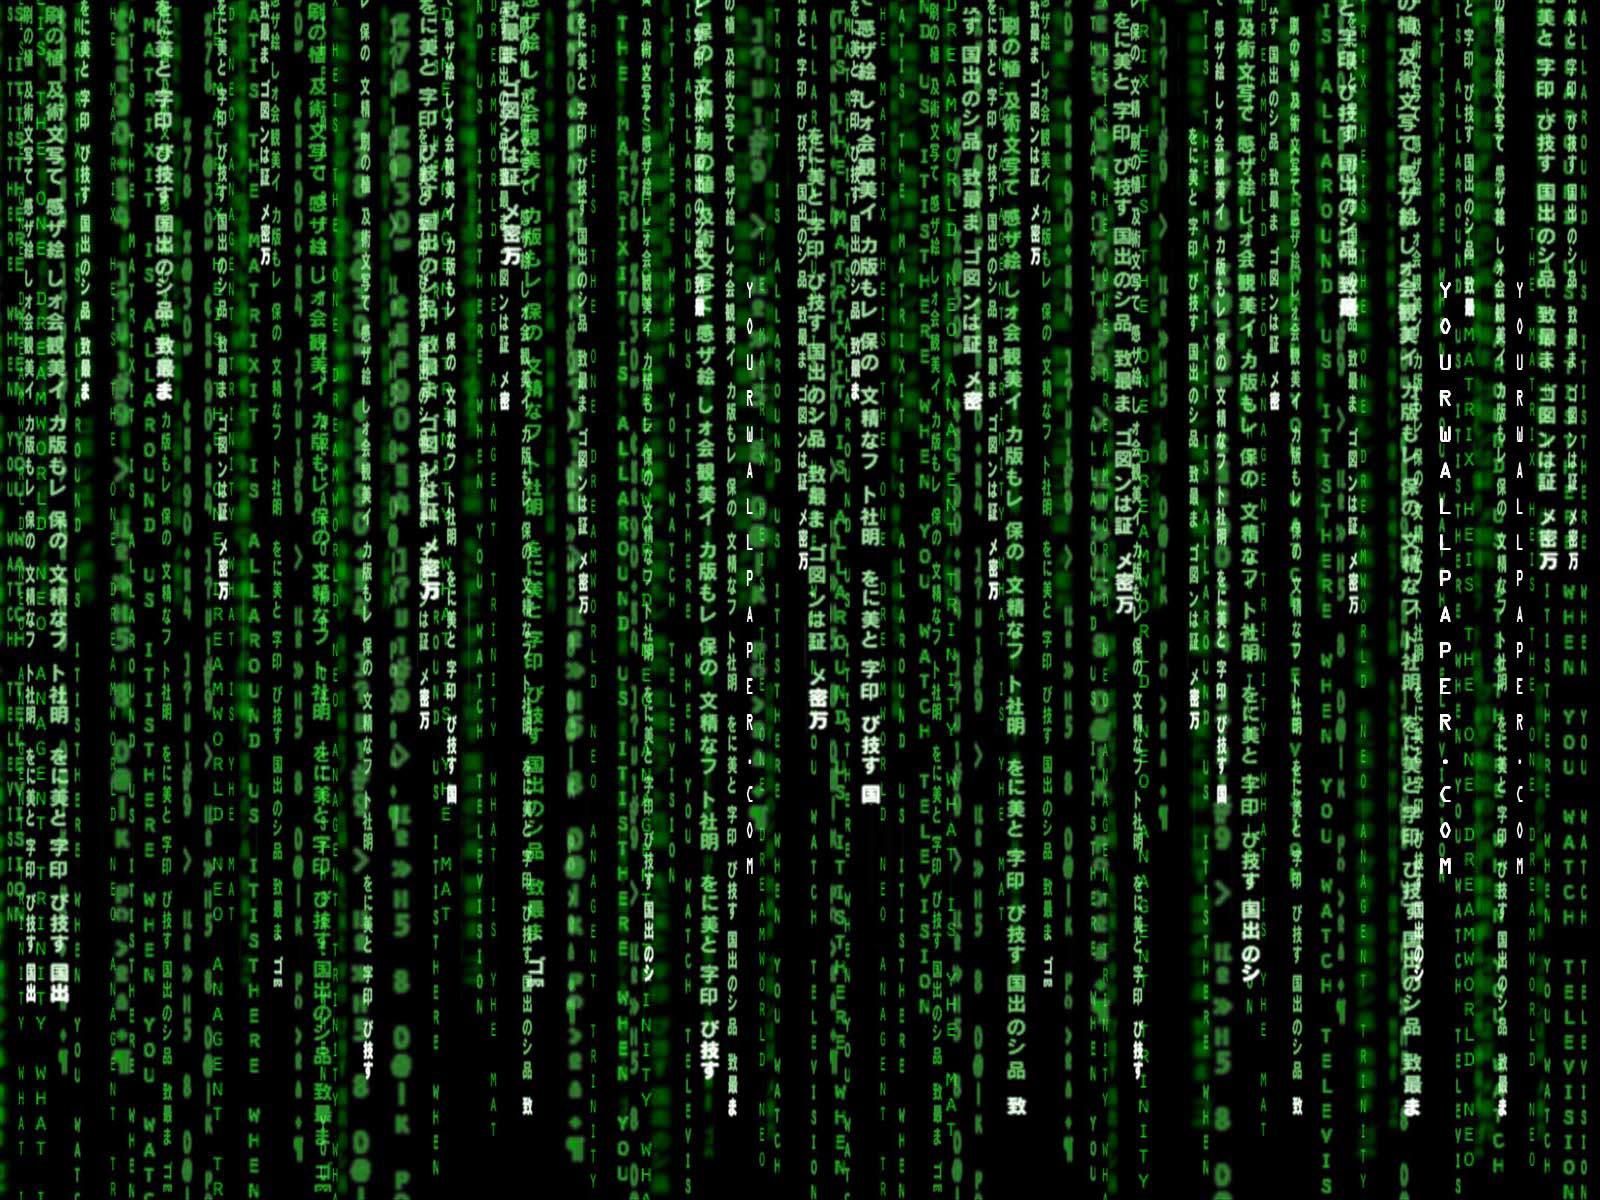 The Matrix Sfondi per PC  1600x1200  ID27094